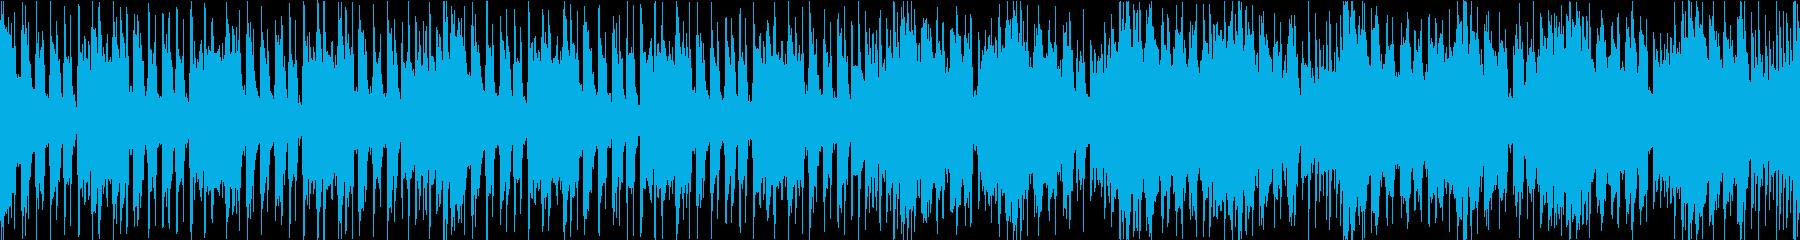 和風でアップテンポなドラムンベースの再生済みの波形